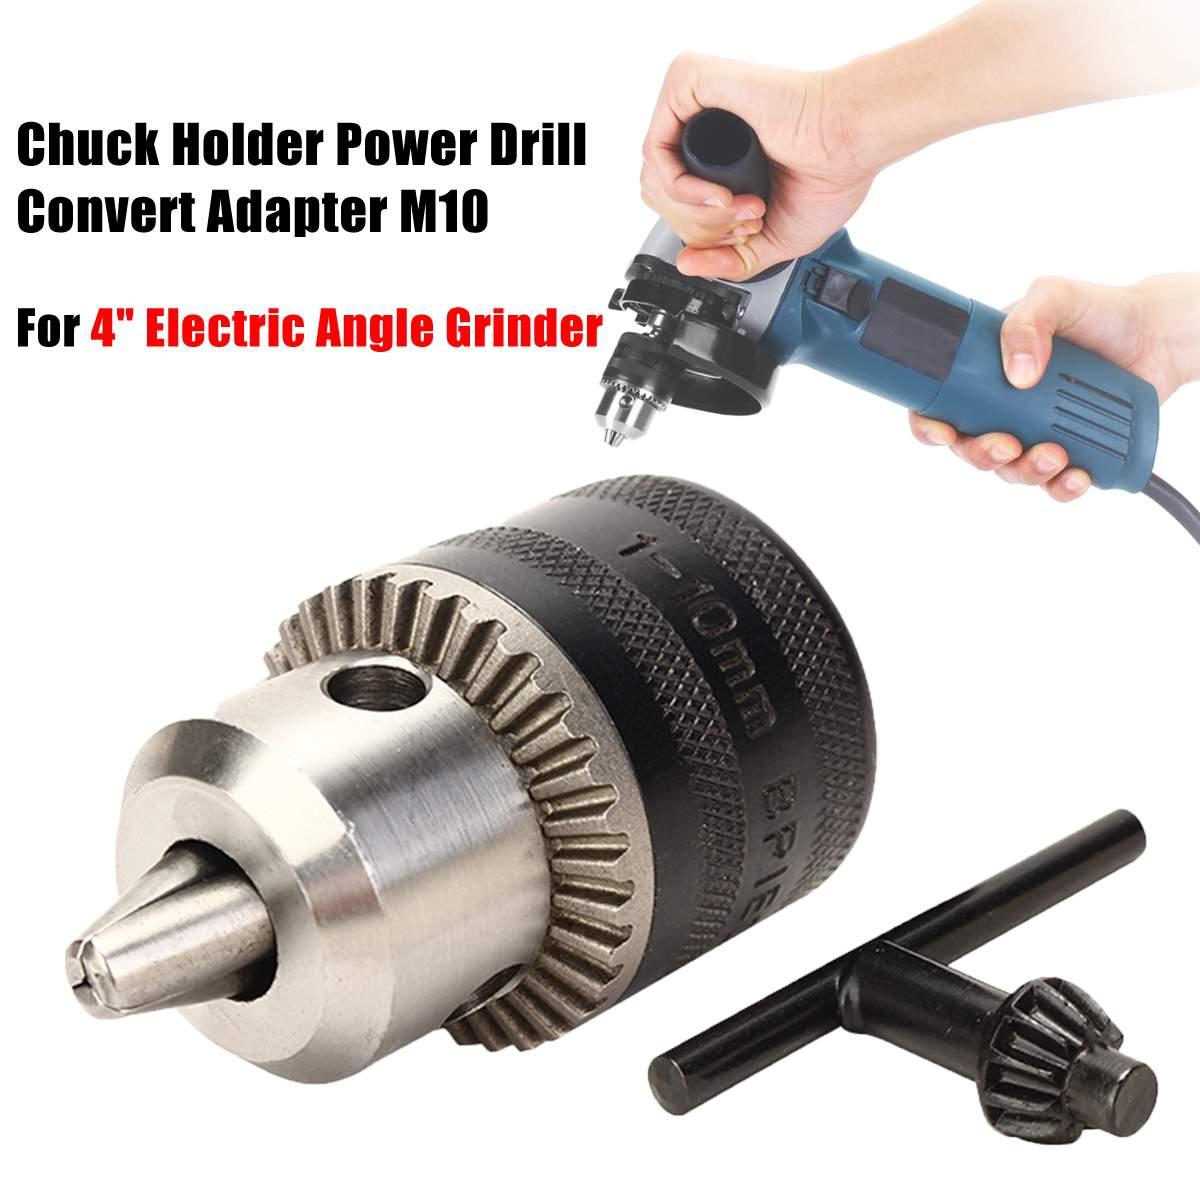 10mm Chuck Holder Power Drill Convert Adapter M10 For 4 Electric Angle Grinder10mm Chuck Holder Power Drill Convert Adapter M10 For 4 Electric Angle Grinder